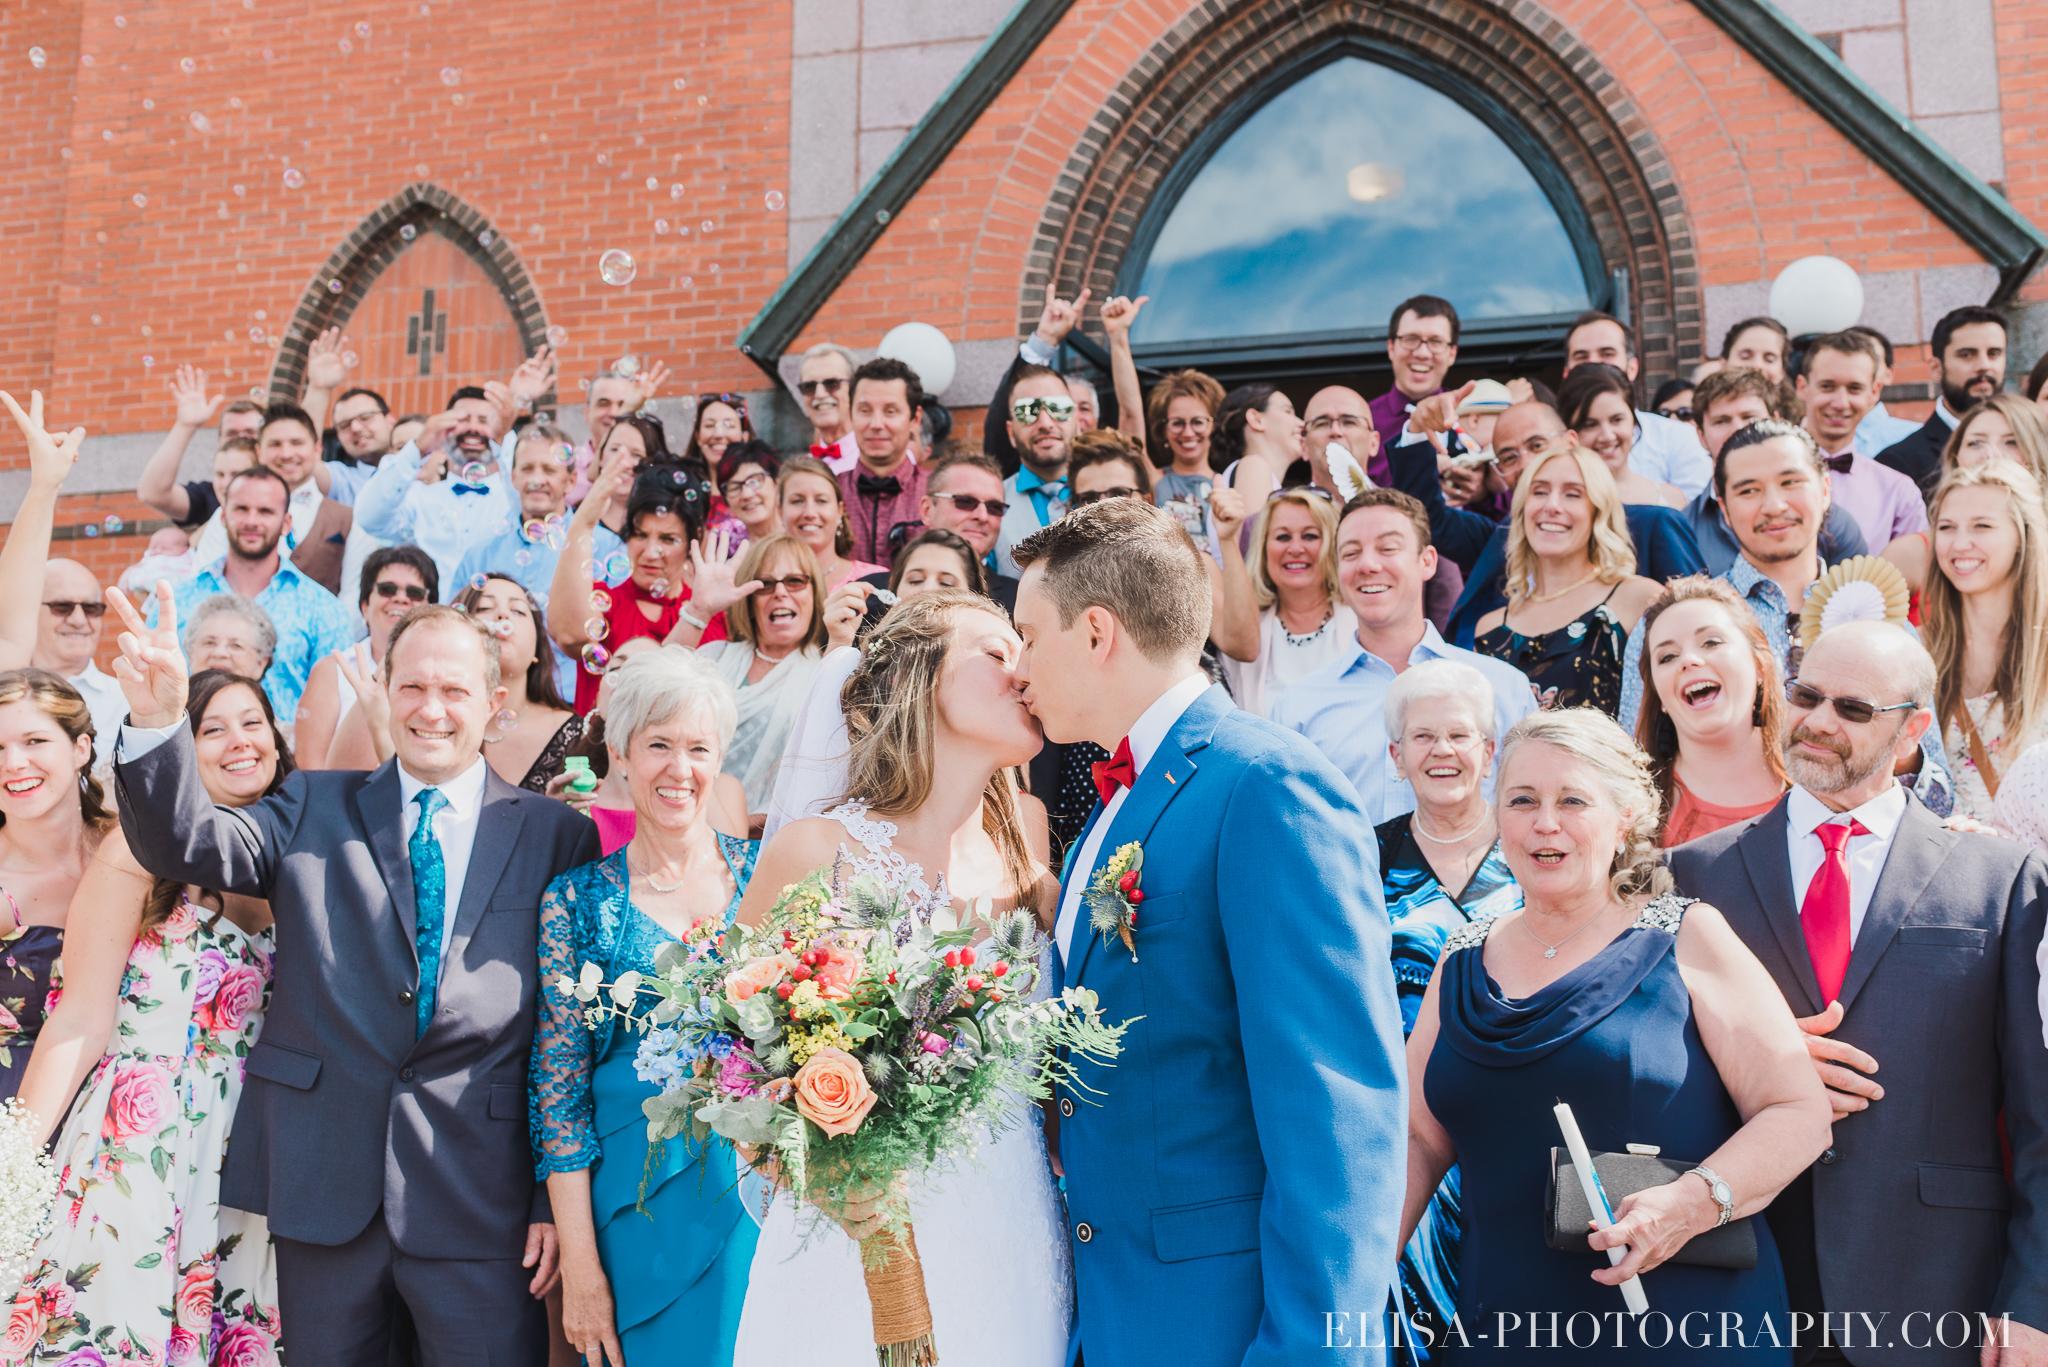 photo mariage grange rouge quebec ceremonie naturelle lumineuse 8590 - Mariage coloré à la grange rouge de Brompton